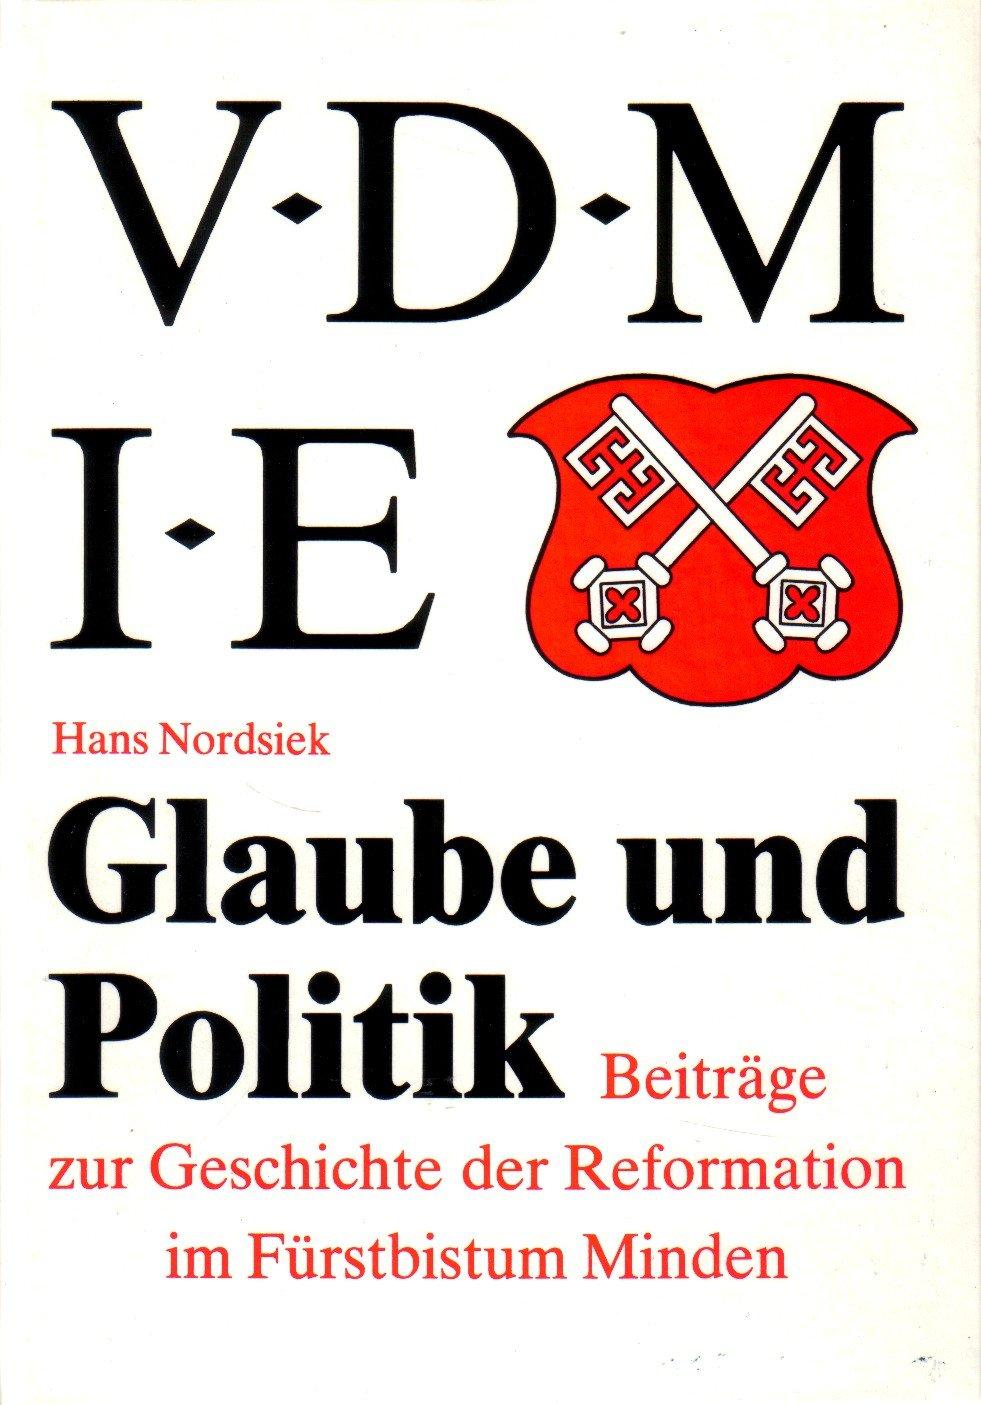 Glaube und Politik. Beiträge zur Geschichte der Reformation im Fürstbistum Minden